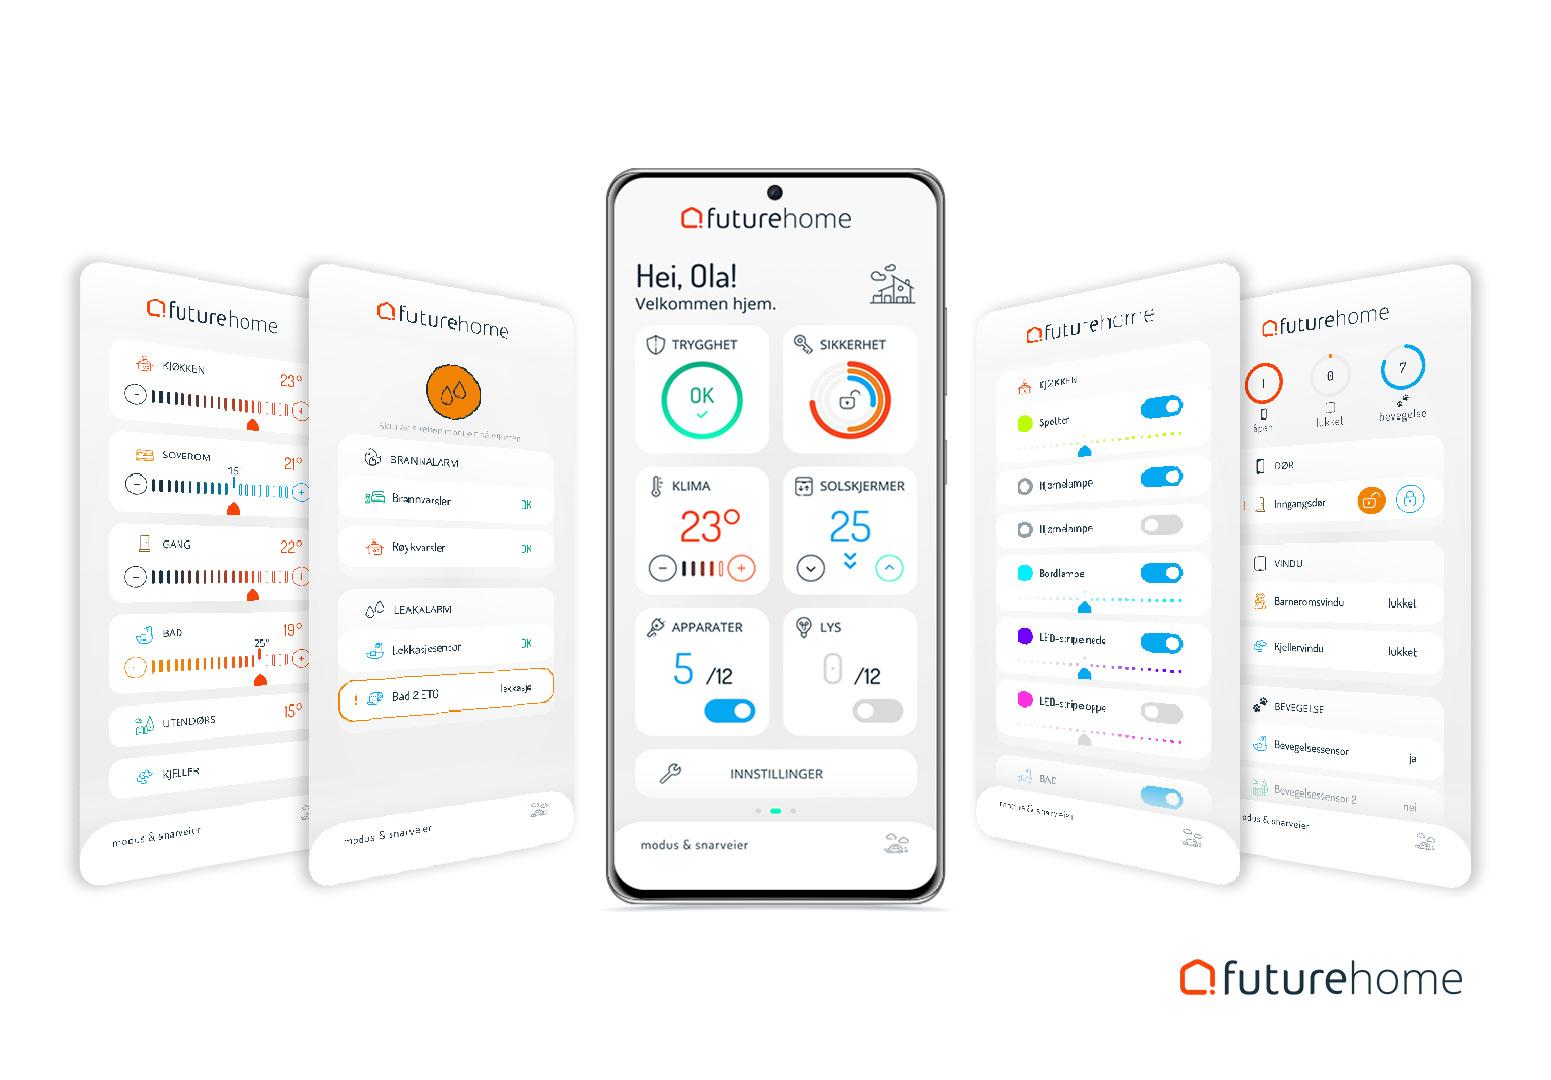 Futurehome-ny-app.jpg